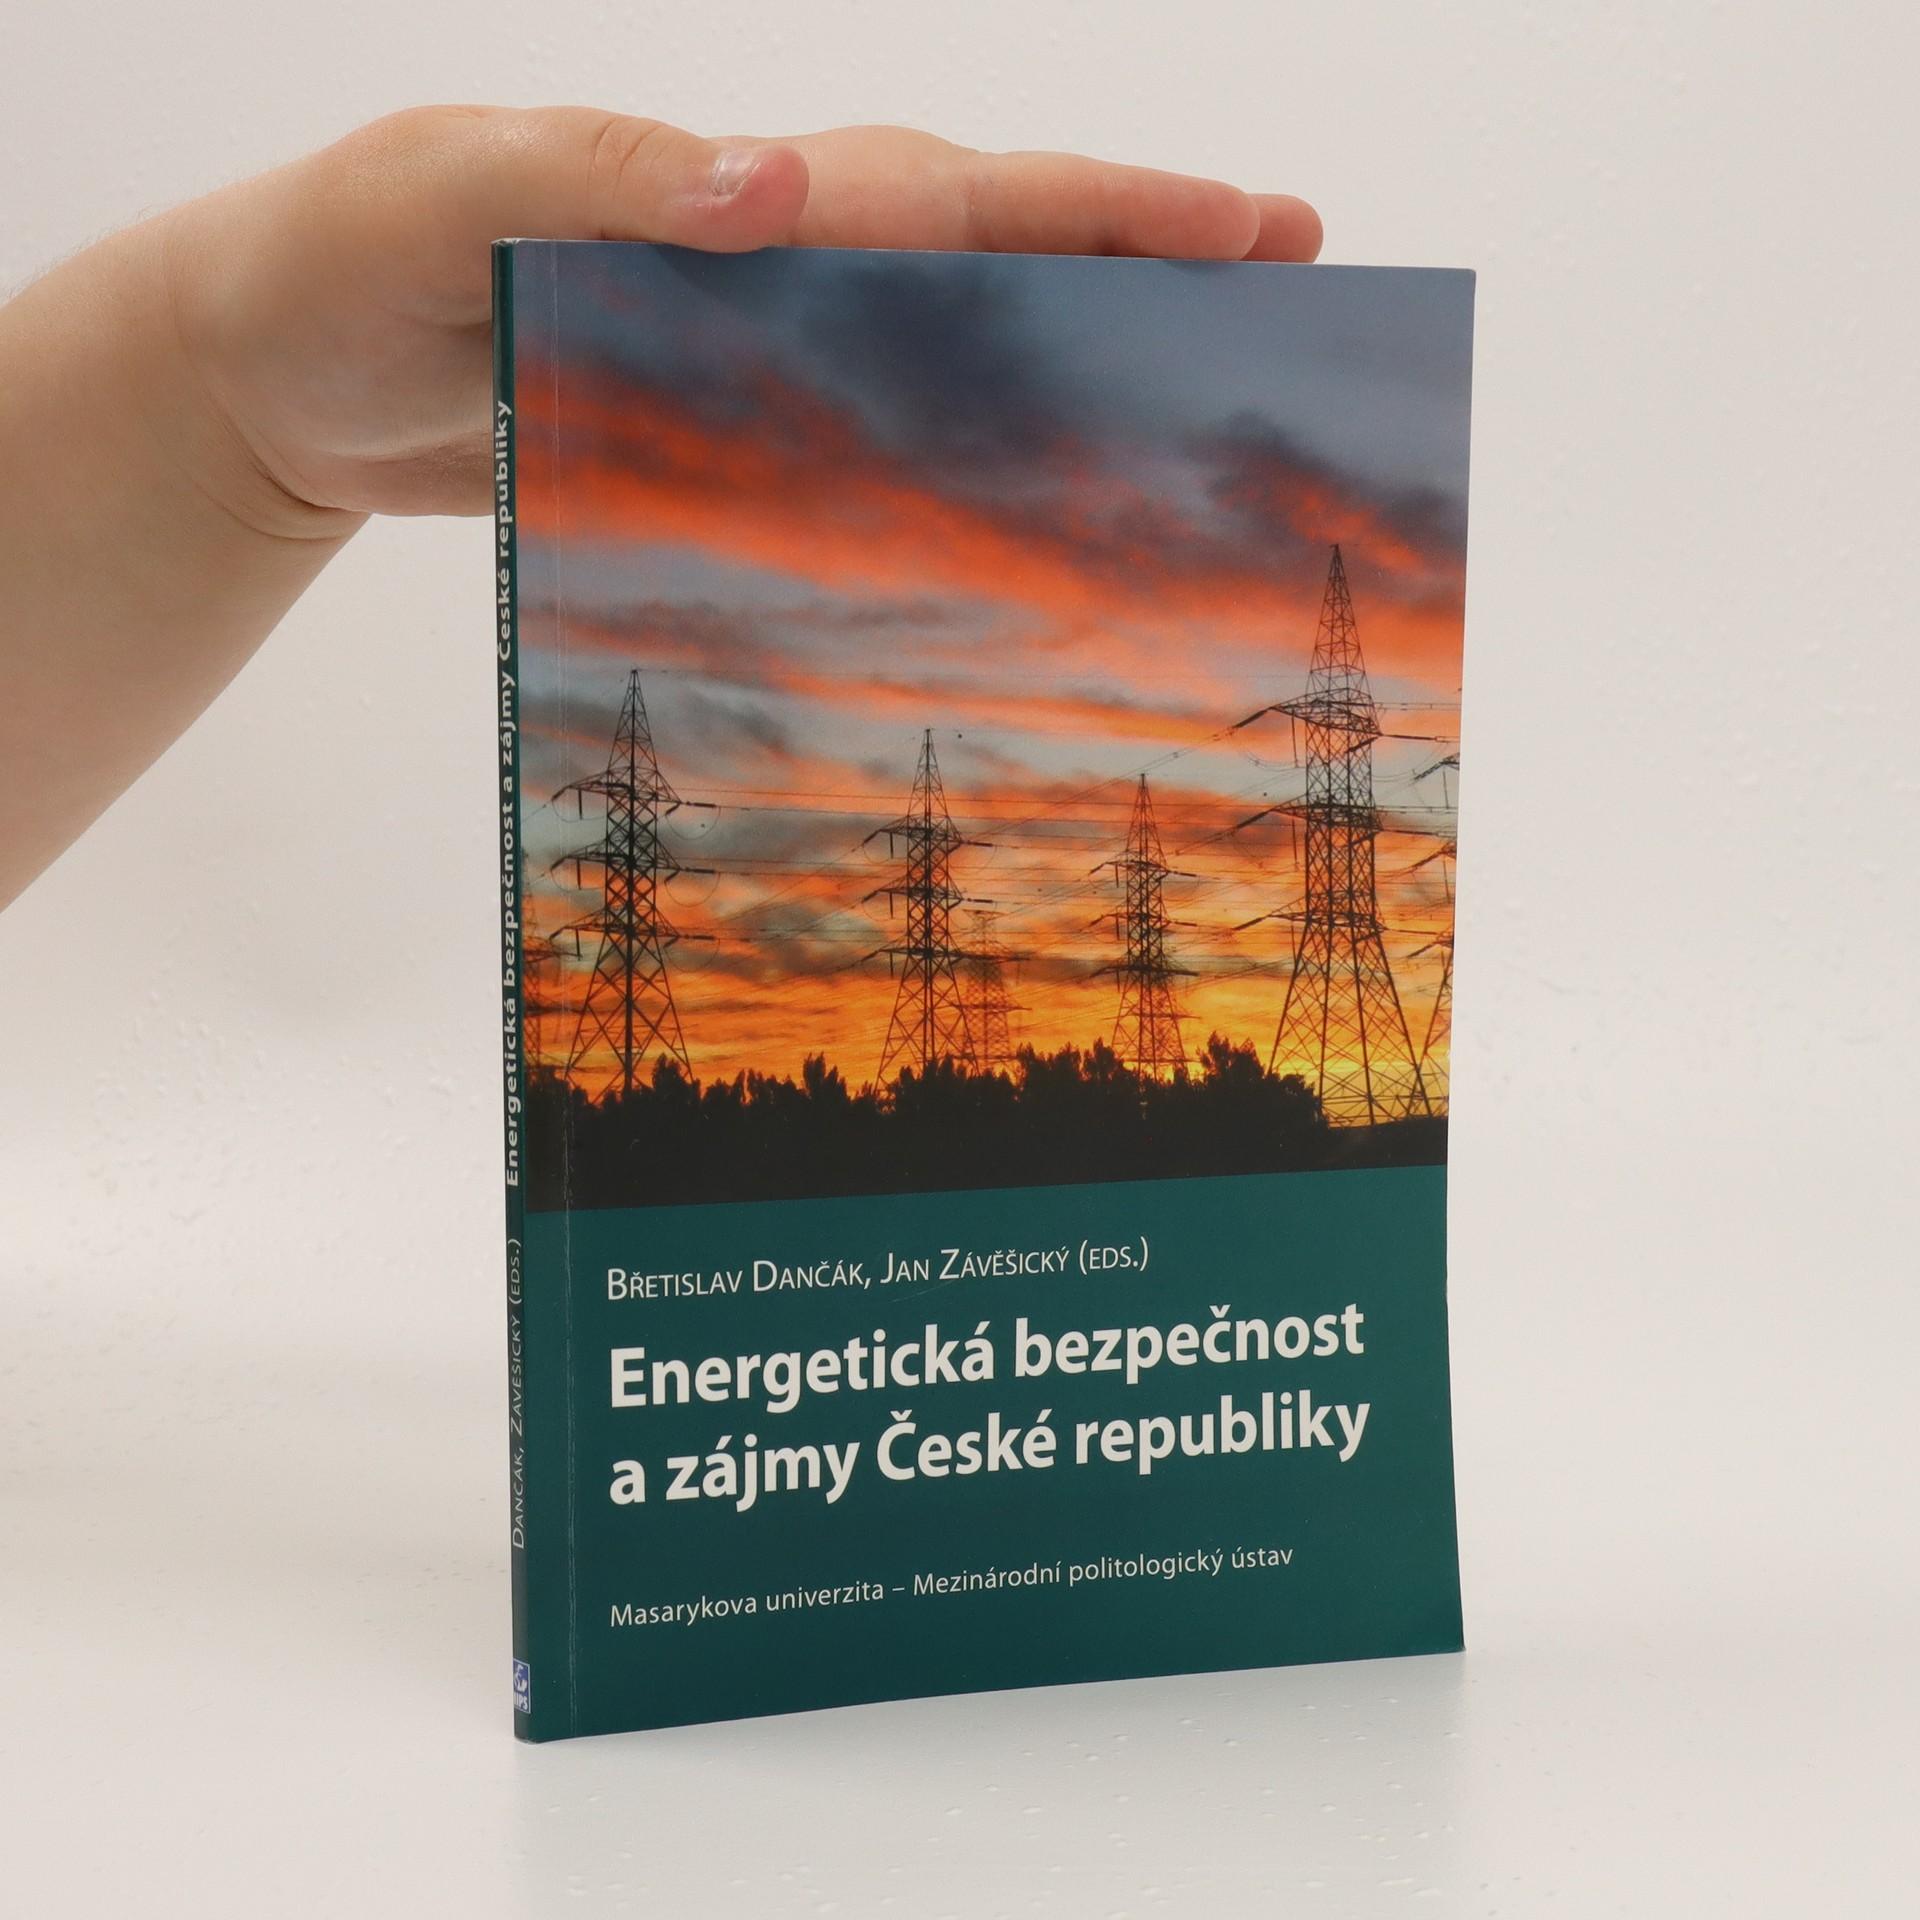 antikvární kniha Energetická bezpečnost a zájmy České republiky, 2007